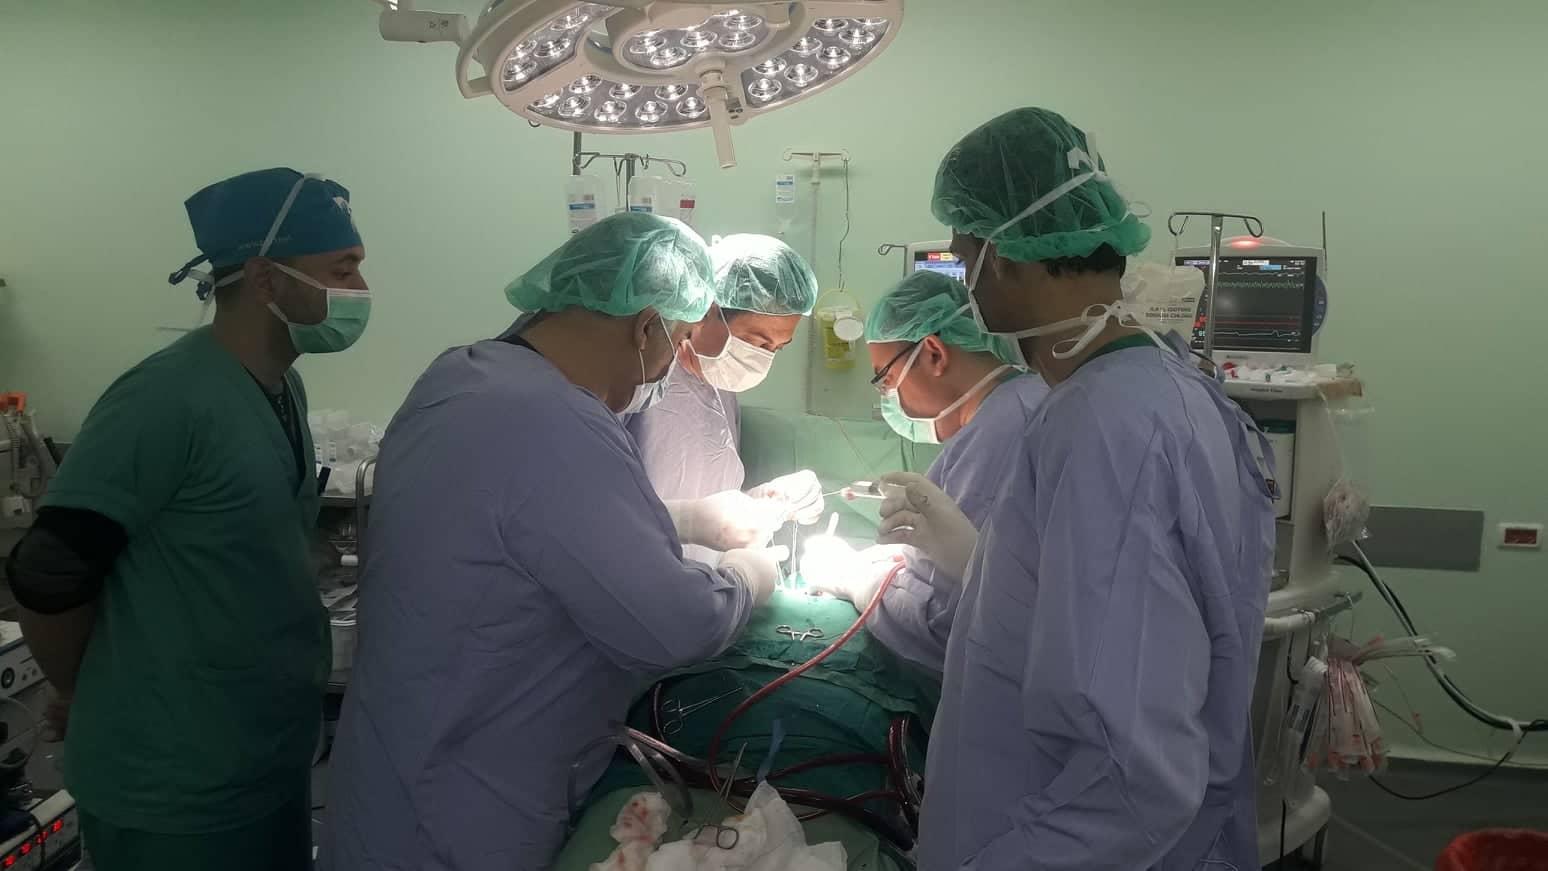 مجمع ناصر: إجراء أكثر من 40 عملية جراحية في مجال جراحة الأوعية الدموية خلال سبتمبر